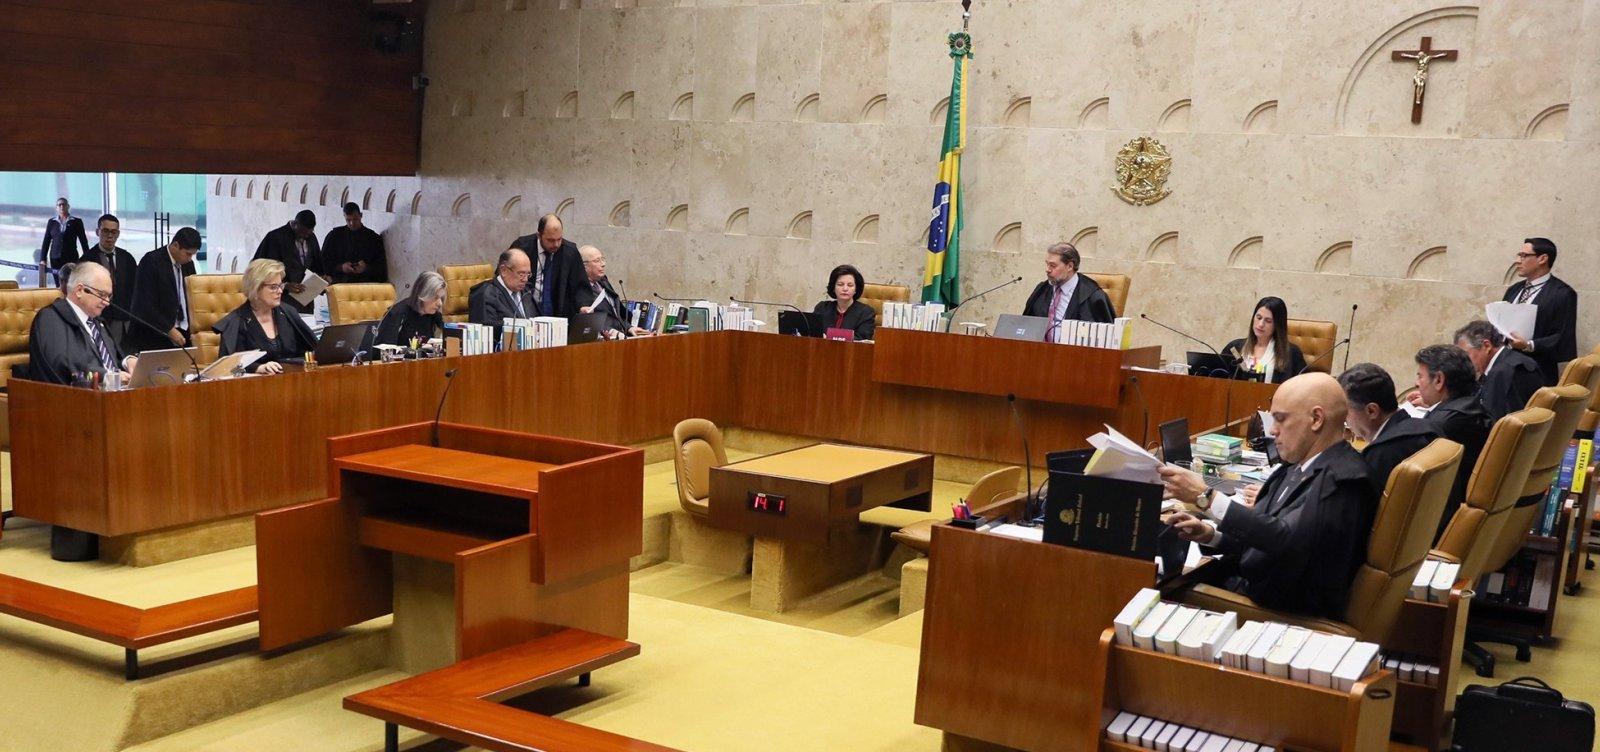 [Por unanimidade, STF confirma decisão que suspendeu ações policiais dentro de universidades]